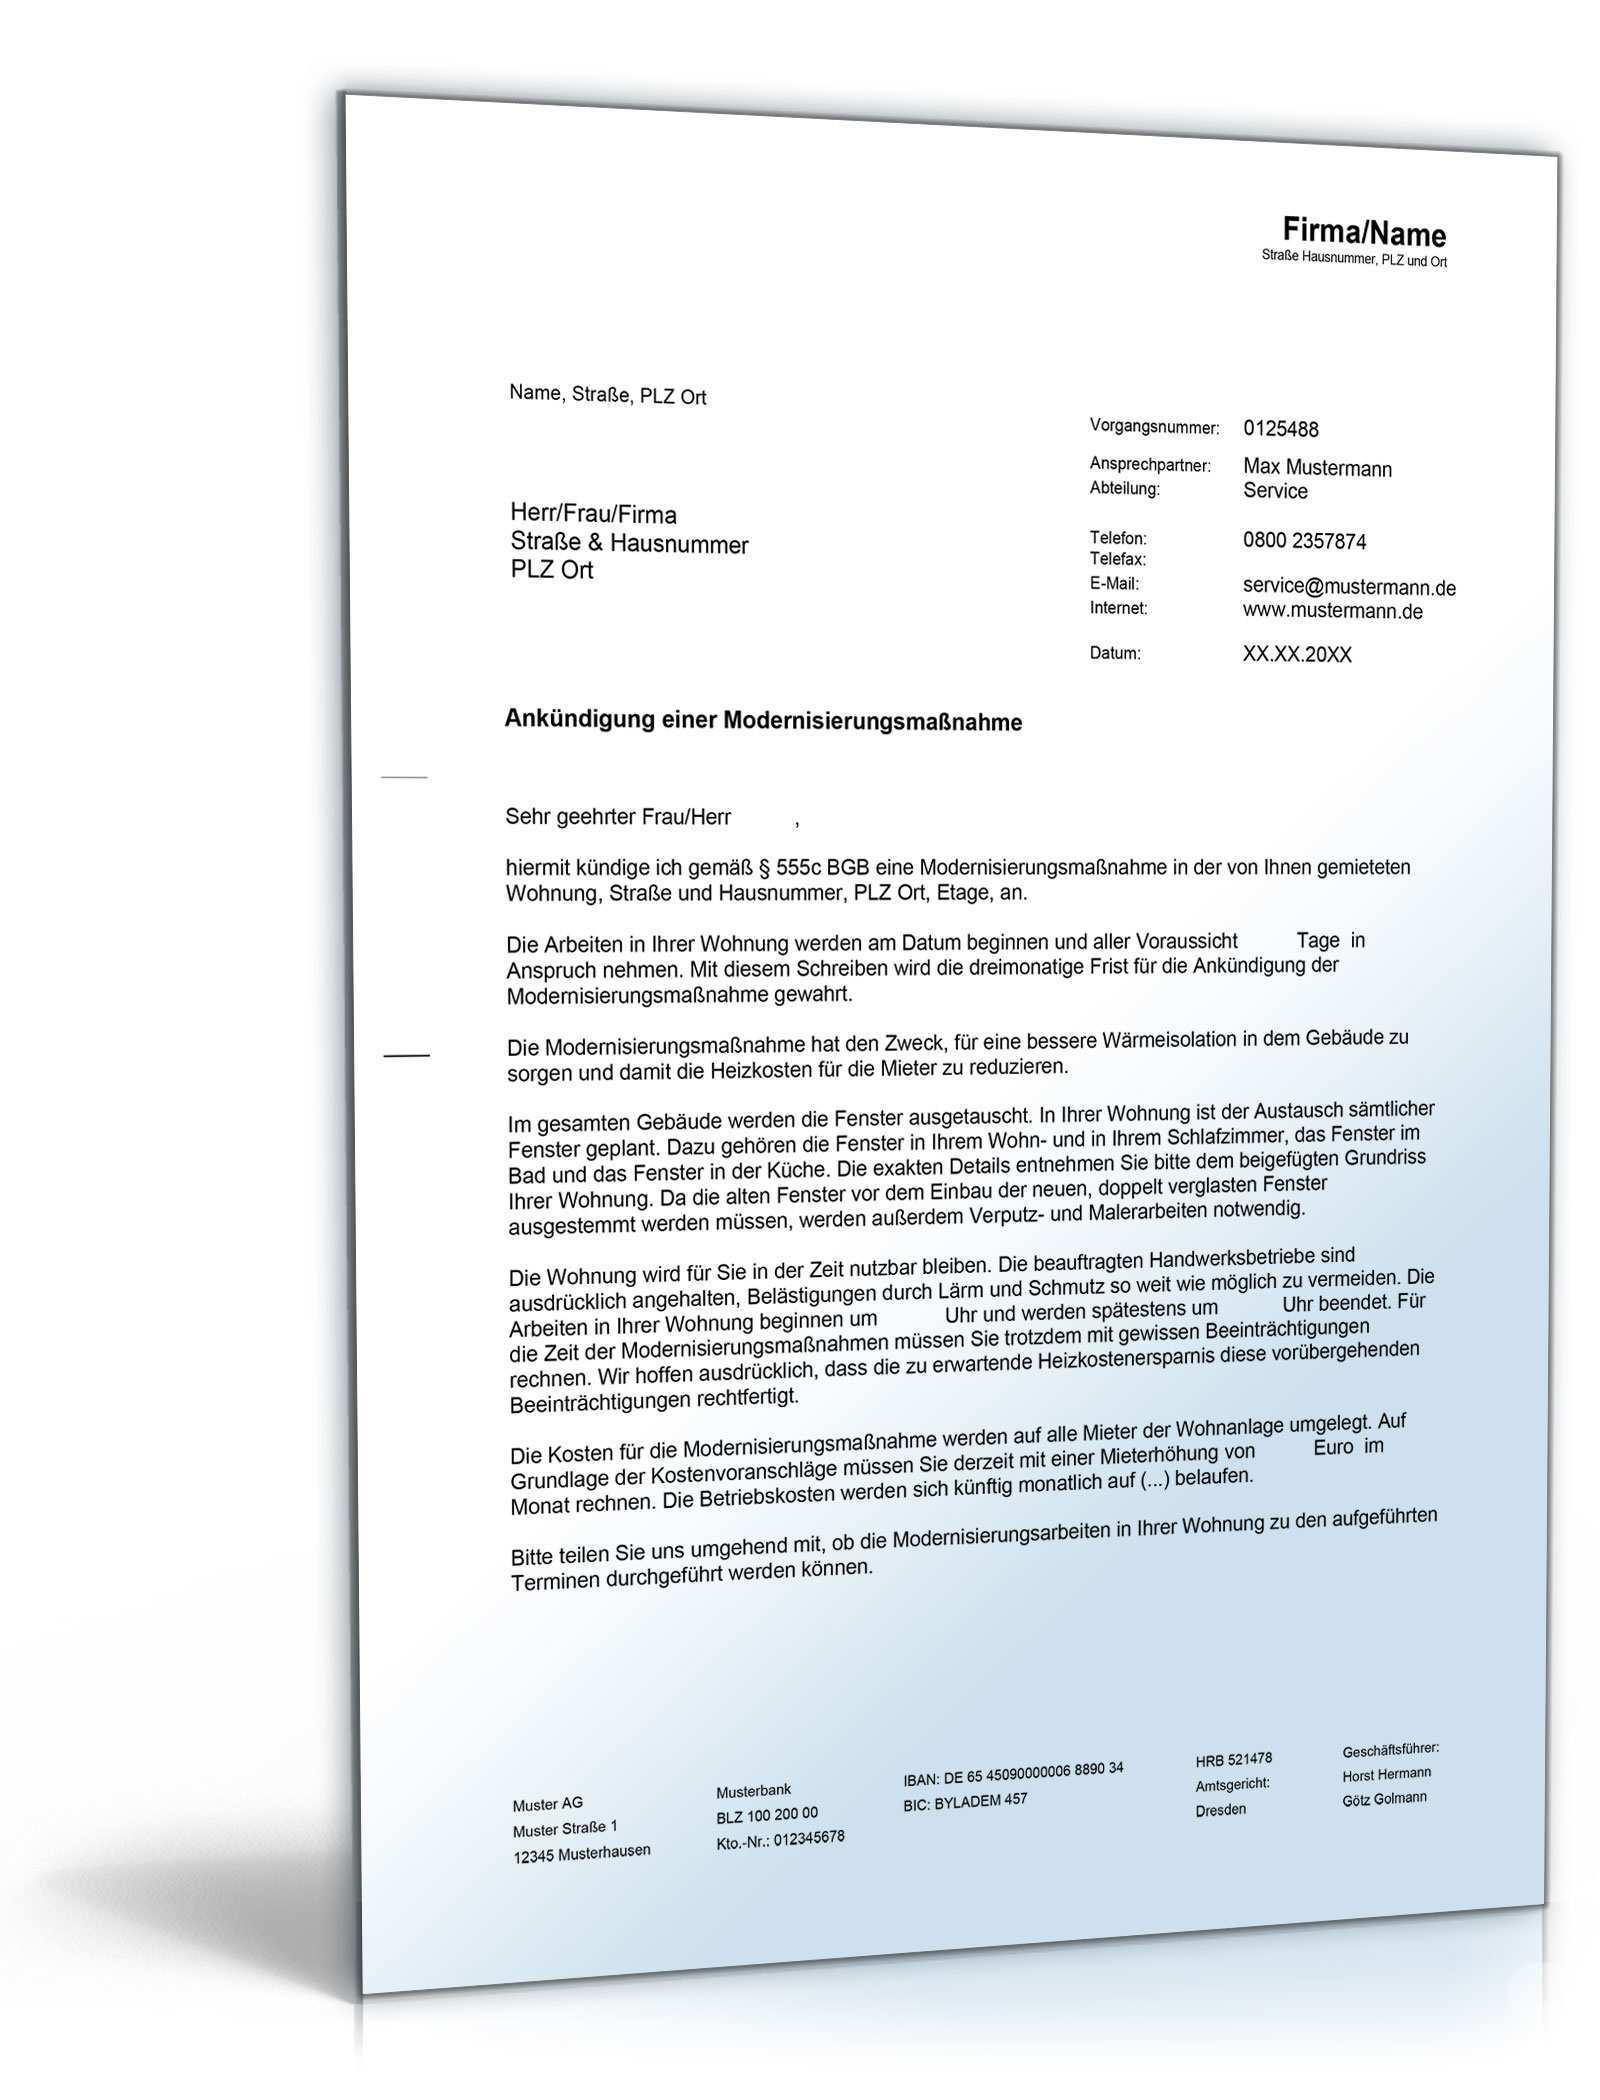 Ankundigung Von Modernisierungsmassnahmen De Musterbrief Download